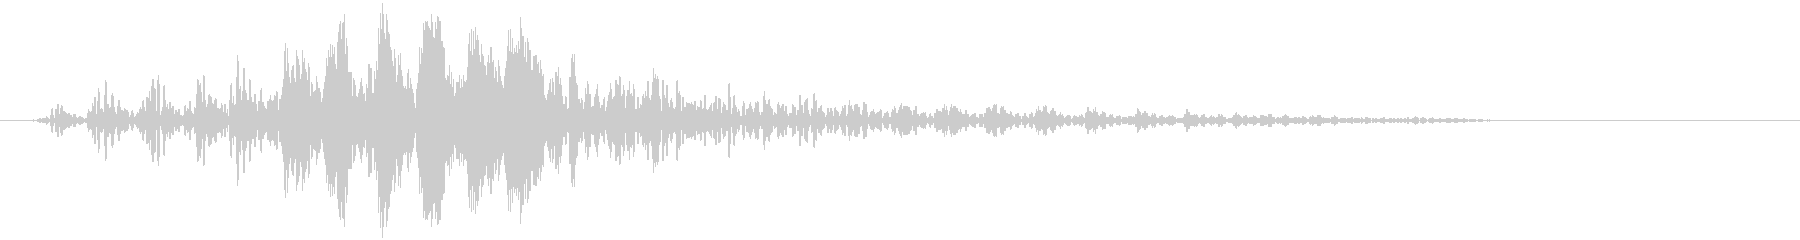 近未来・SF(宇宙船の効果音)_01の未再生の波形